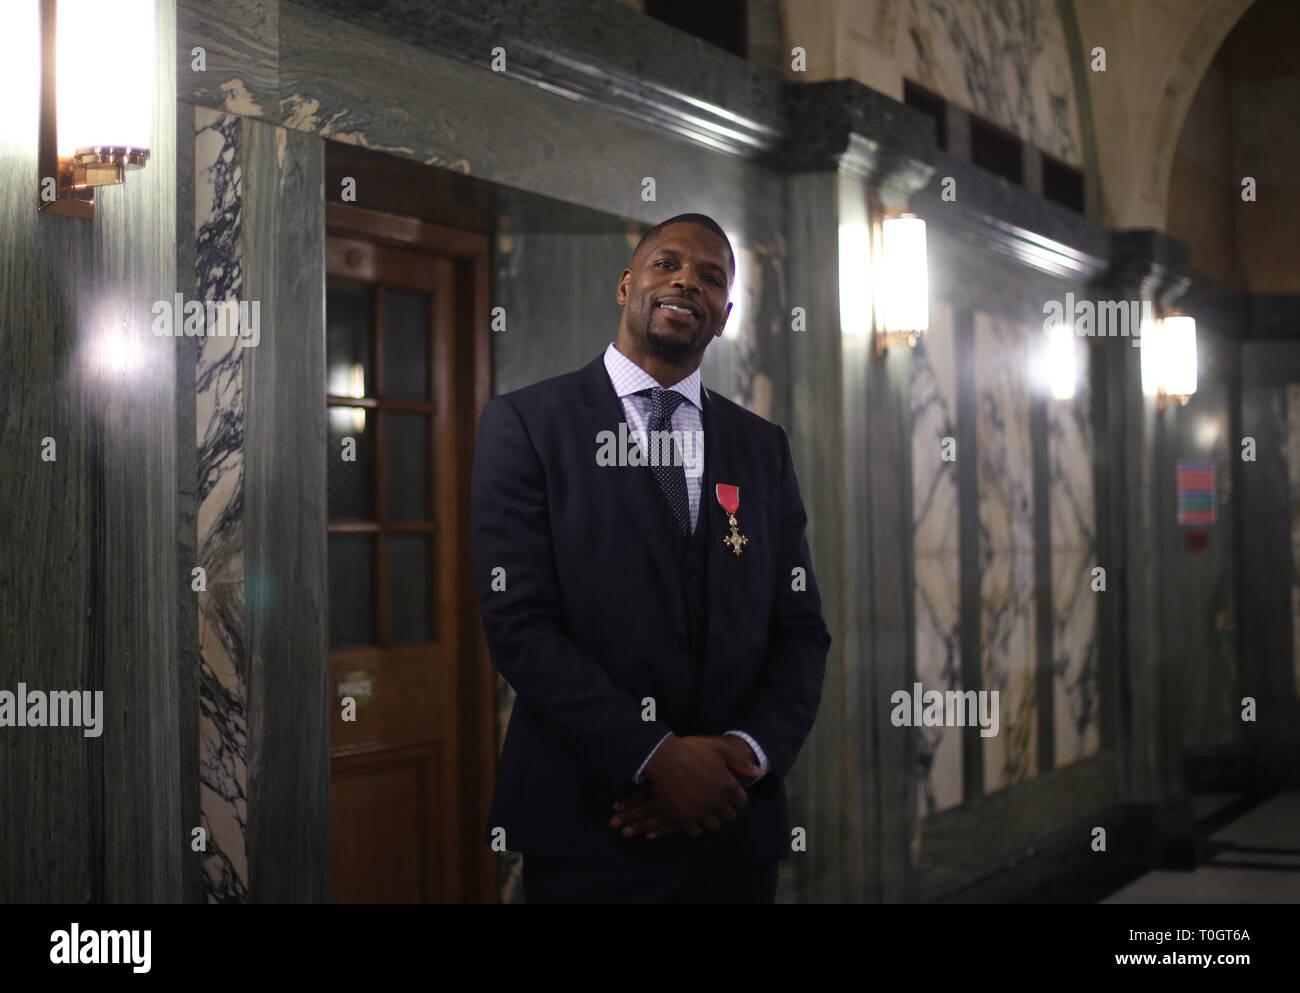 El Dr. Mark Prince OBE durante una fiesta en su honor organizada por la City of London Corporation, en el Old Bailey, en Londres. Mark de 15 años de edad, hijo, PRÍNCIPE Kiyan, fue brutalmente apuñalado y asesinado por pacíficamente intentando romper una pelea en el exterior de su escuela el 18 de mayo de 2006. Imagen De Stock